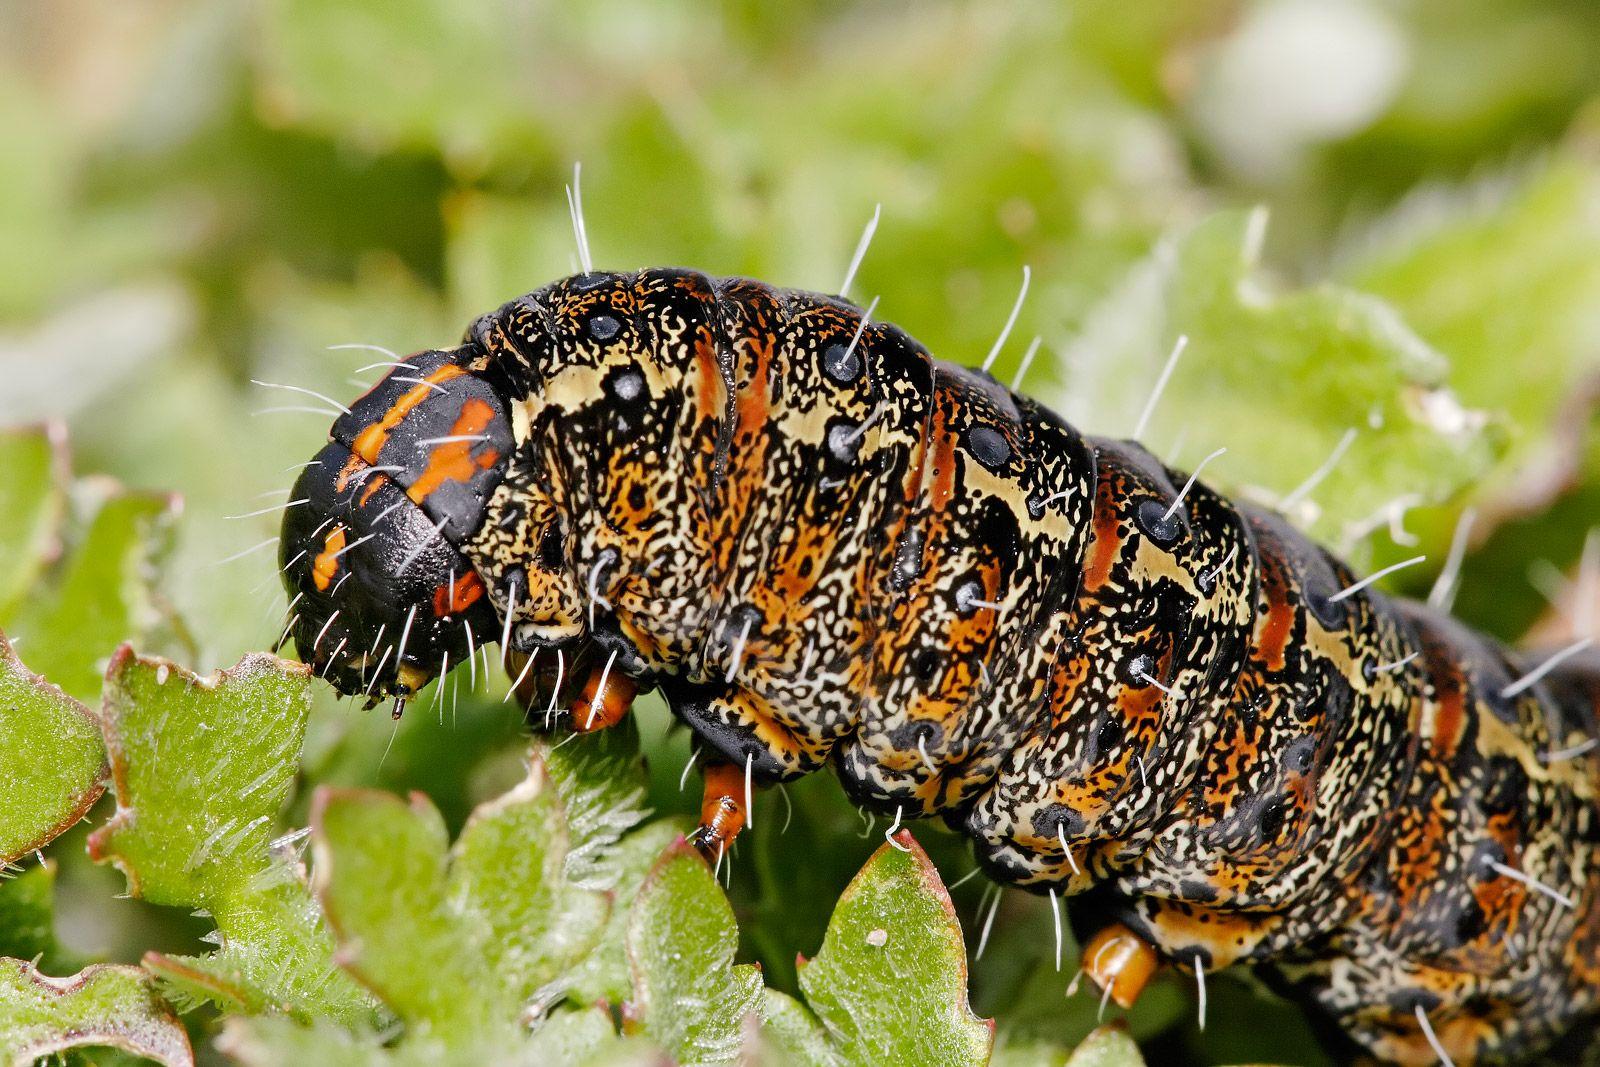 Caterpillar Google Search Caterpillar Eating Moth Caterpillar What Do Caterpillars Eat